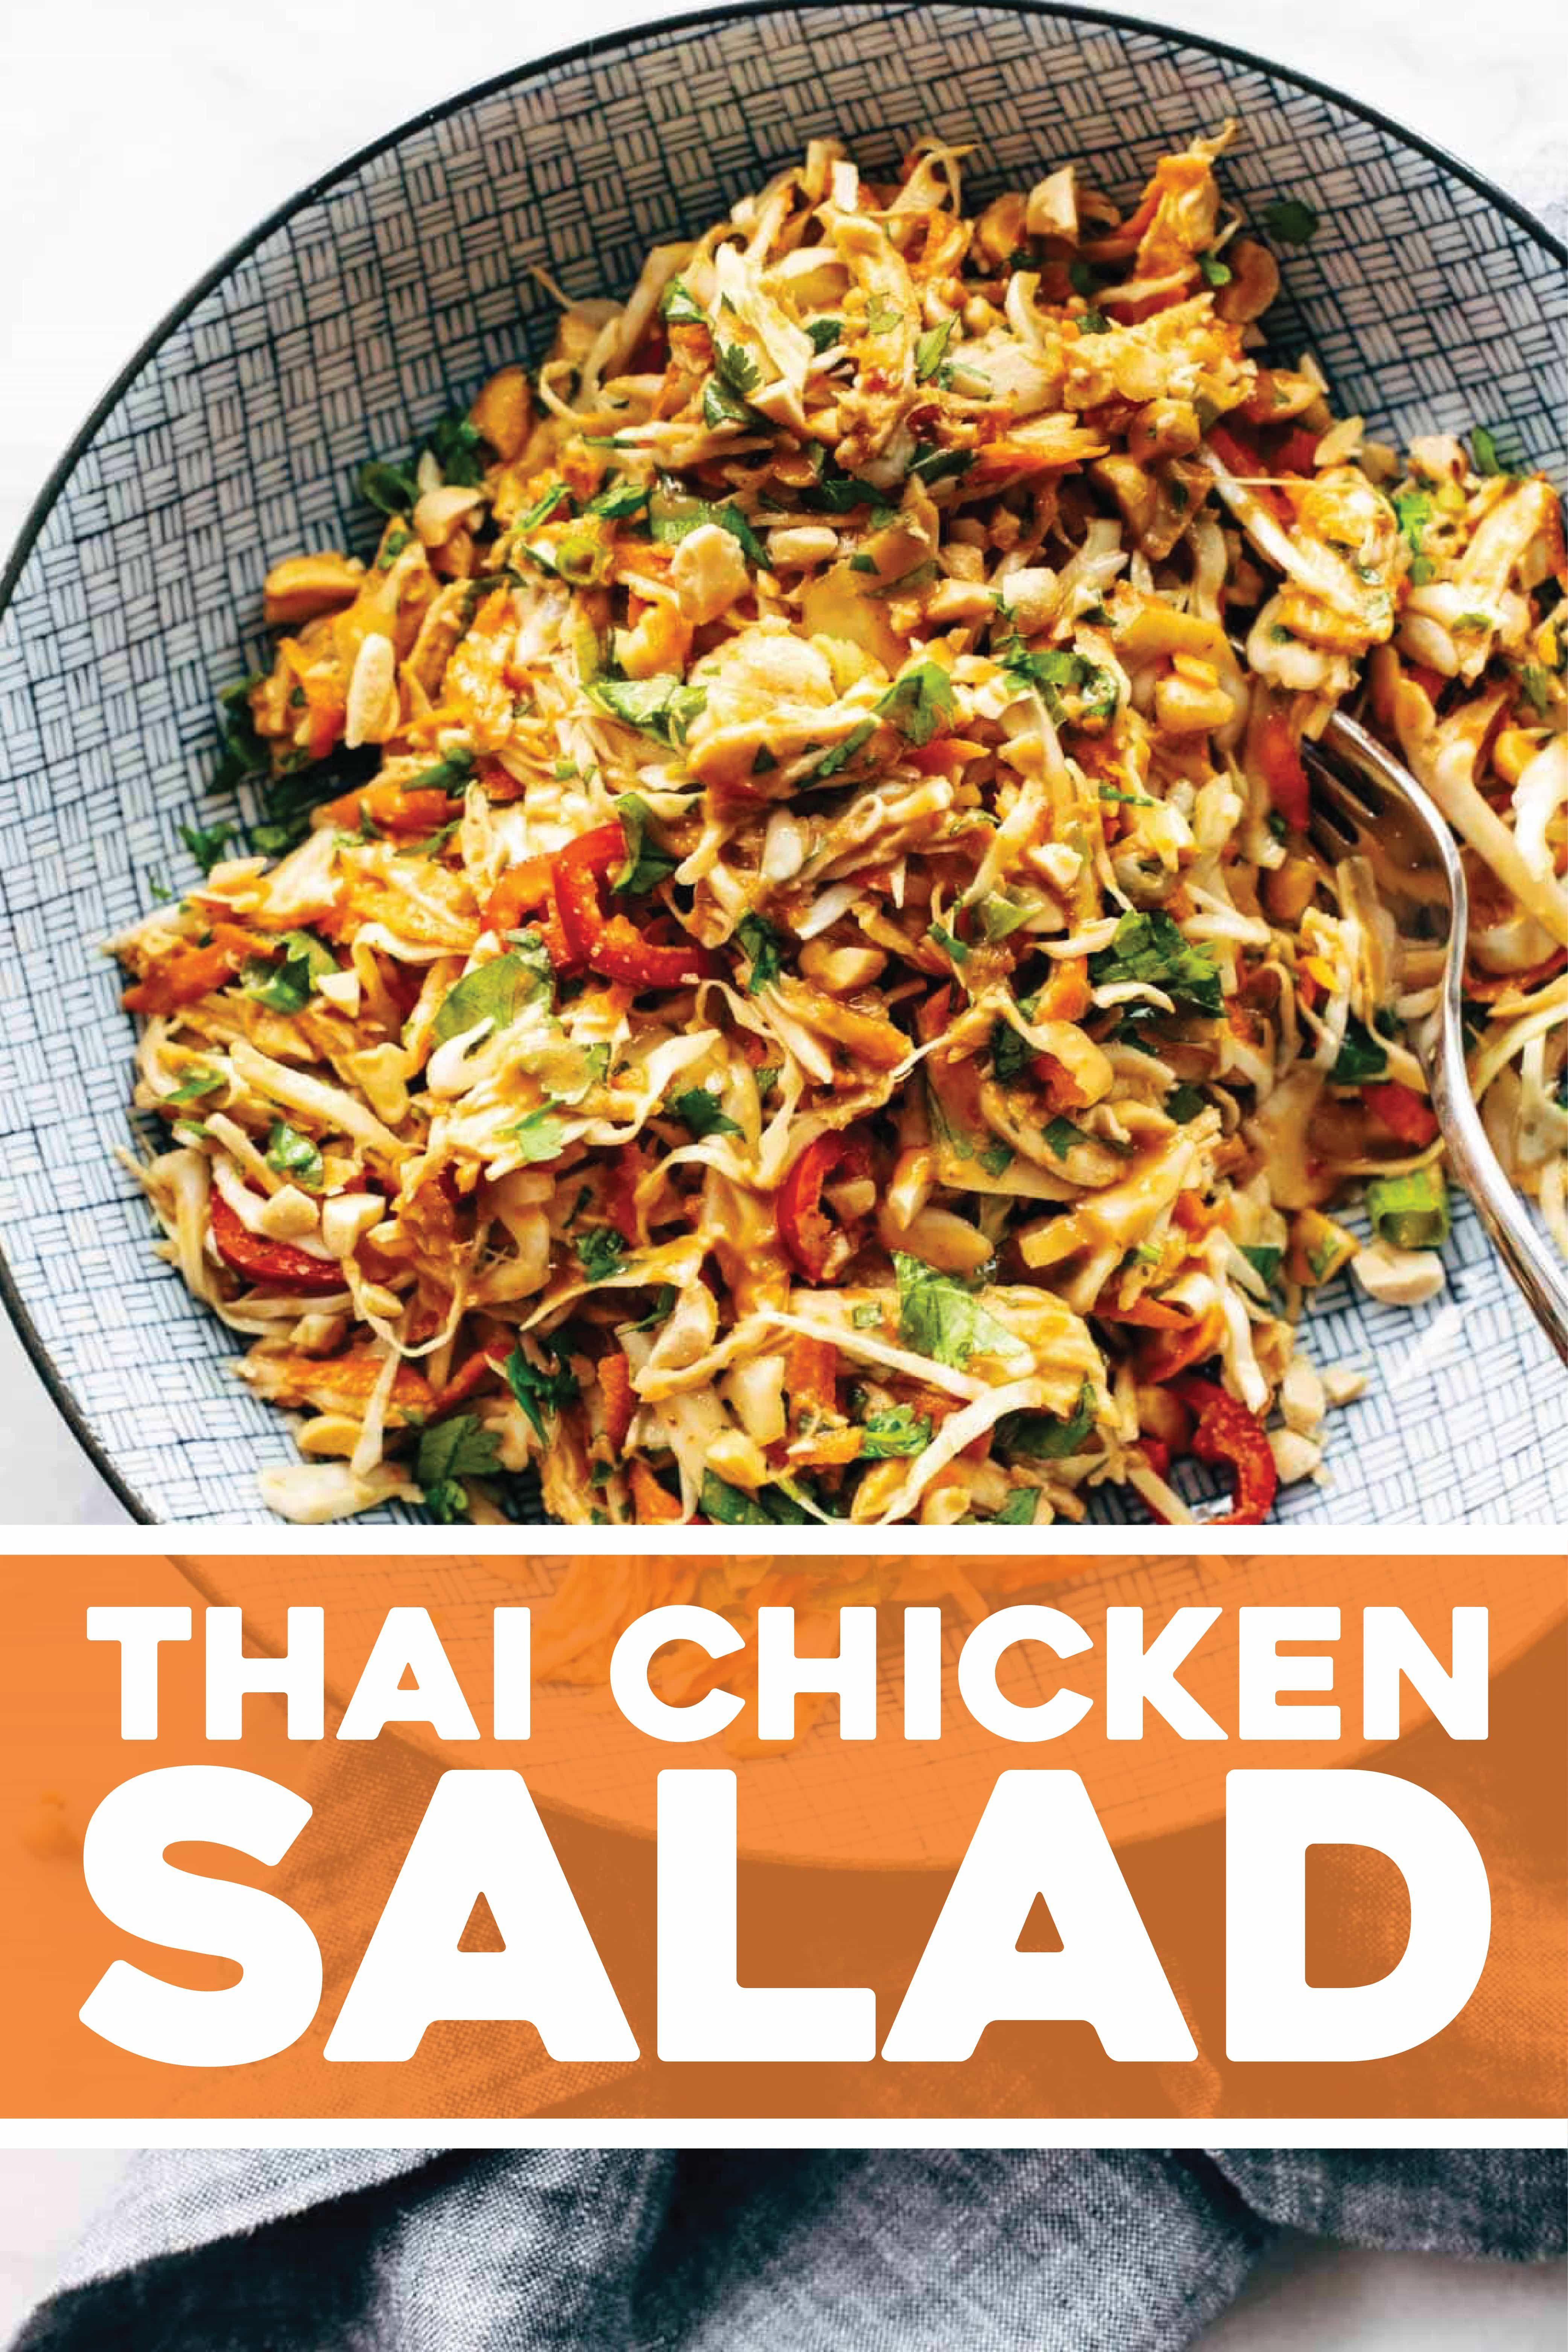 Chopped Thai Chicken Salad Recette Salade De Poulet Thai Cuisine Thailandaise Repas Frais